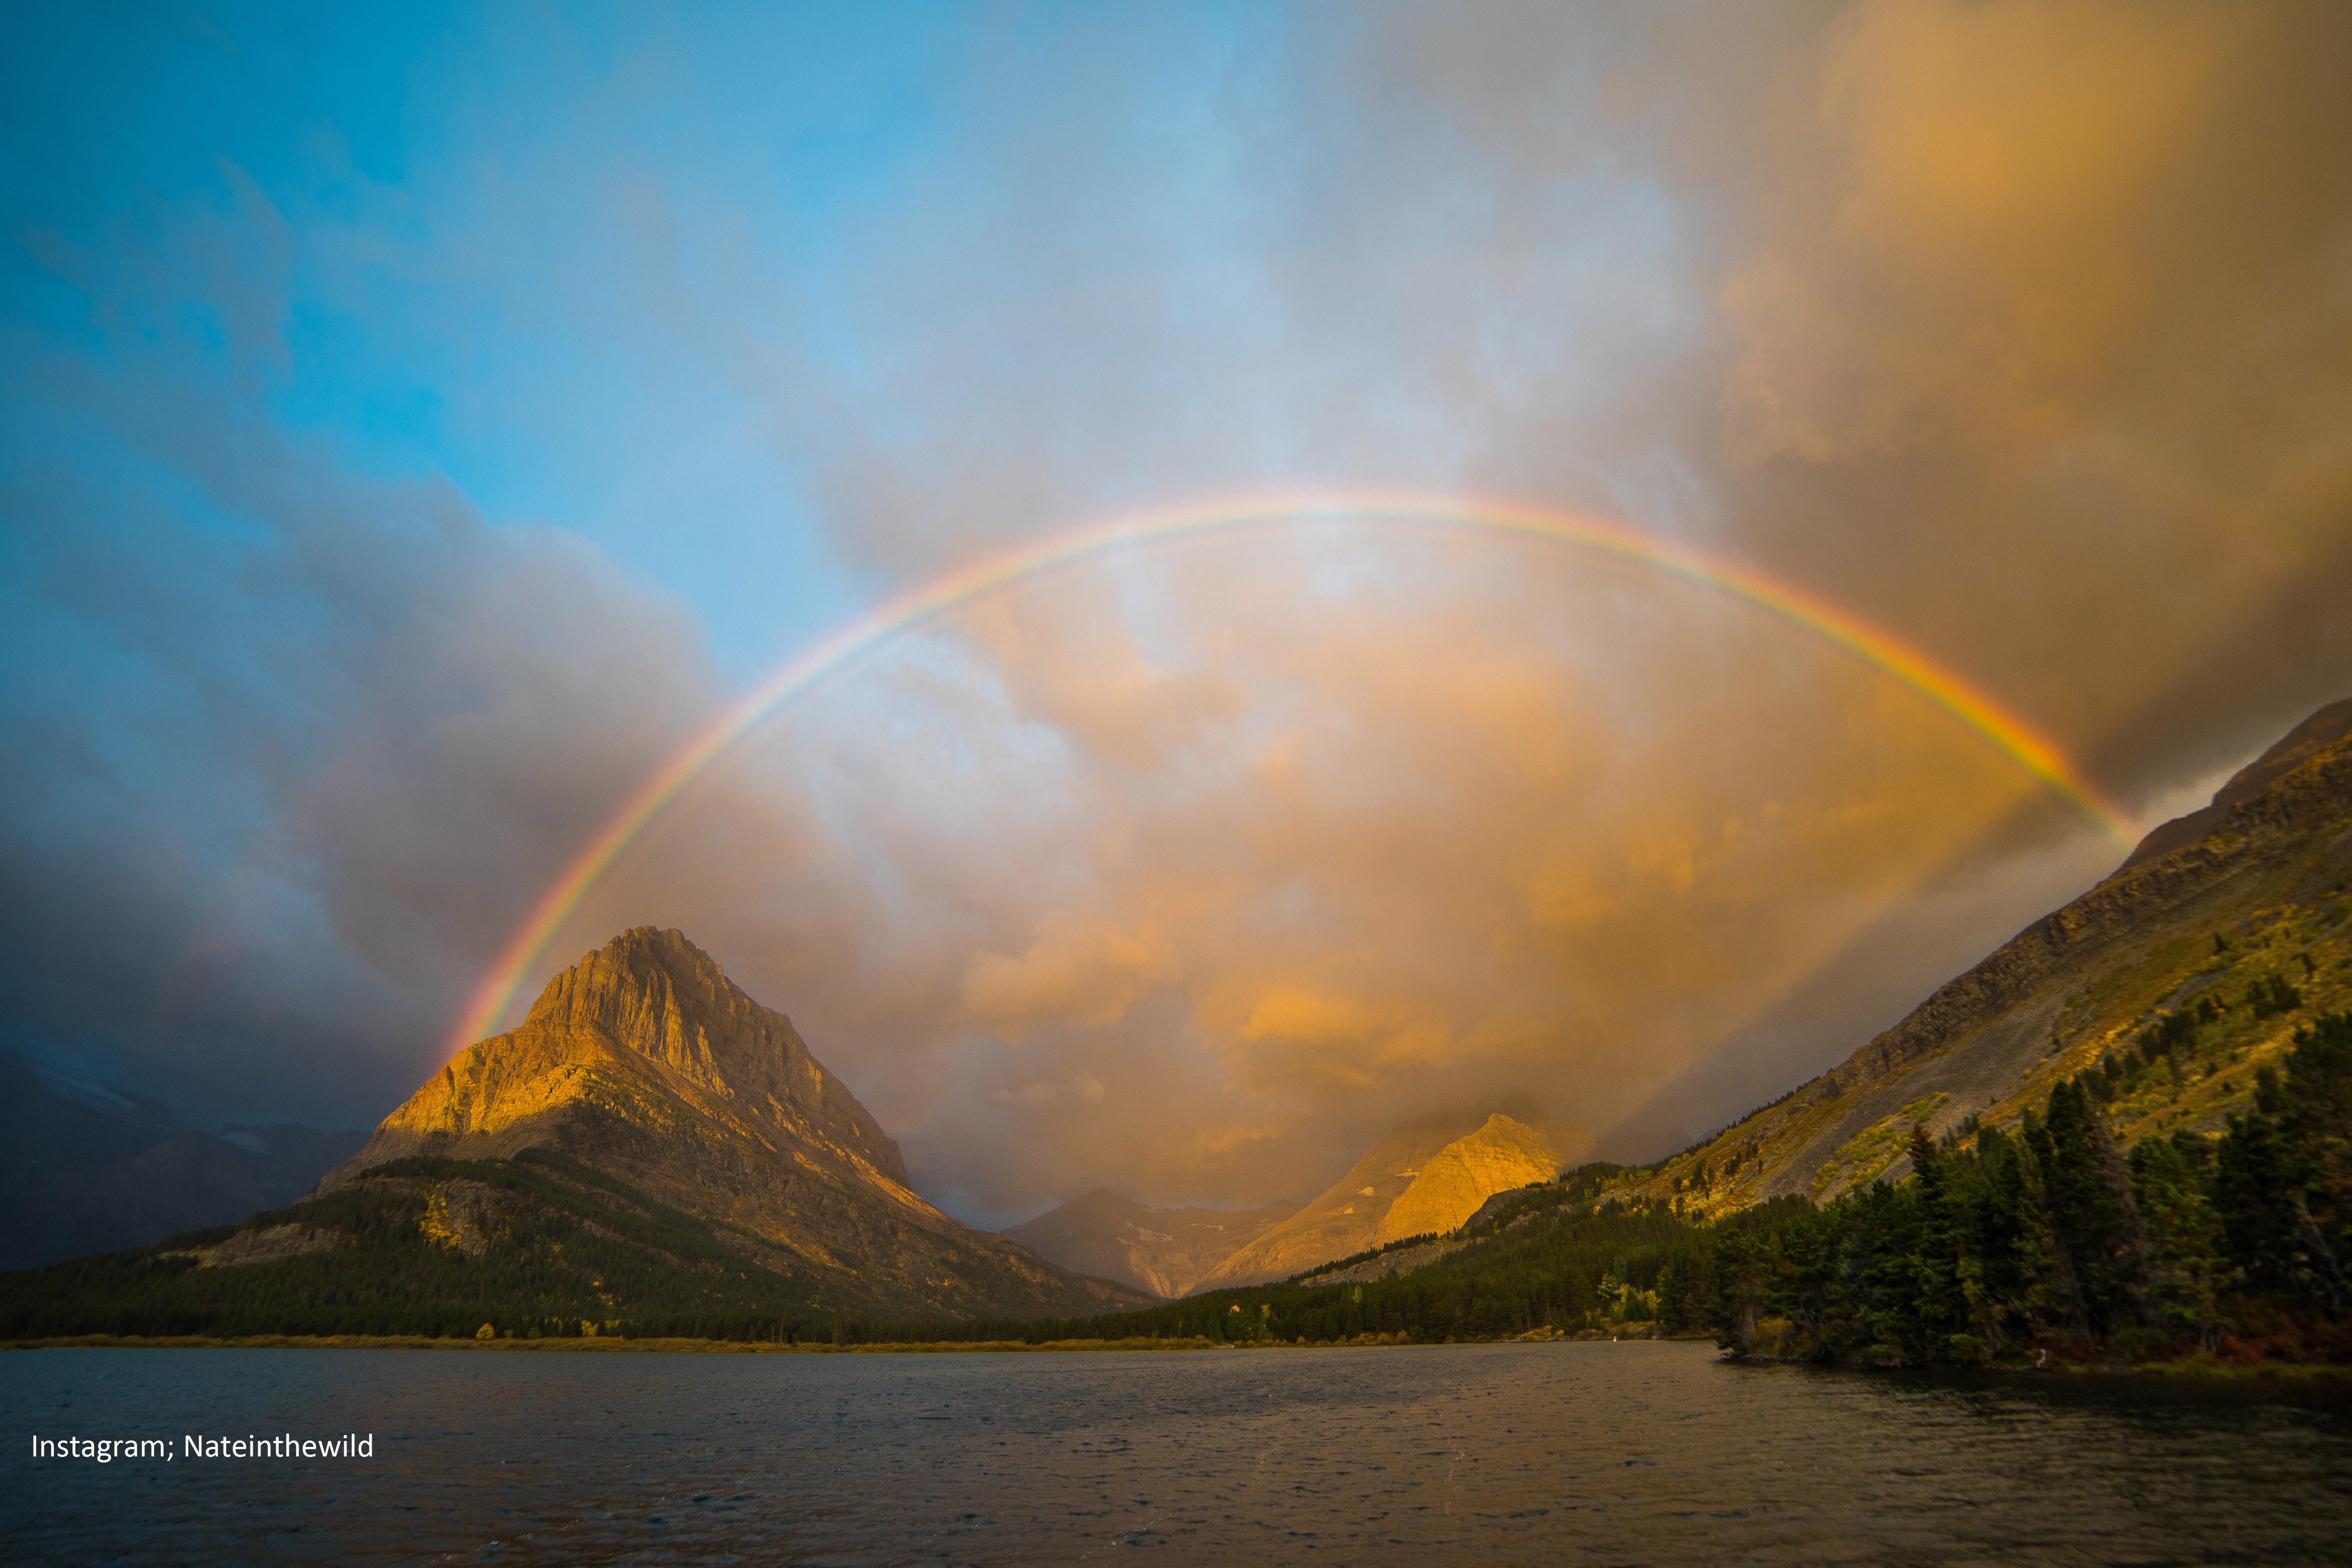 Fall Lake Wallpaper Sunrise At Glacier National Park Hd Nature 4k Wallpapers